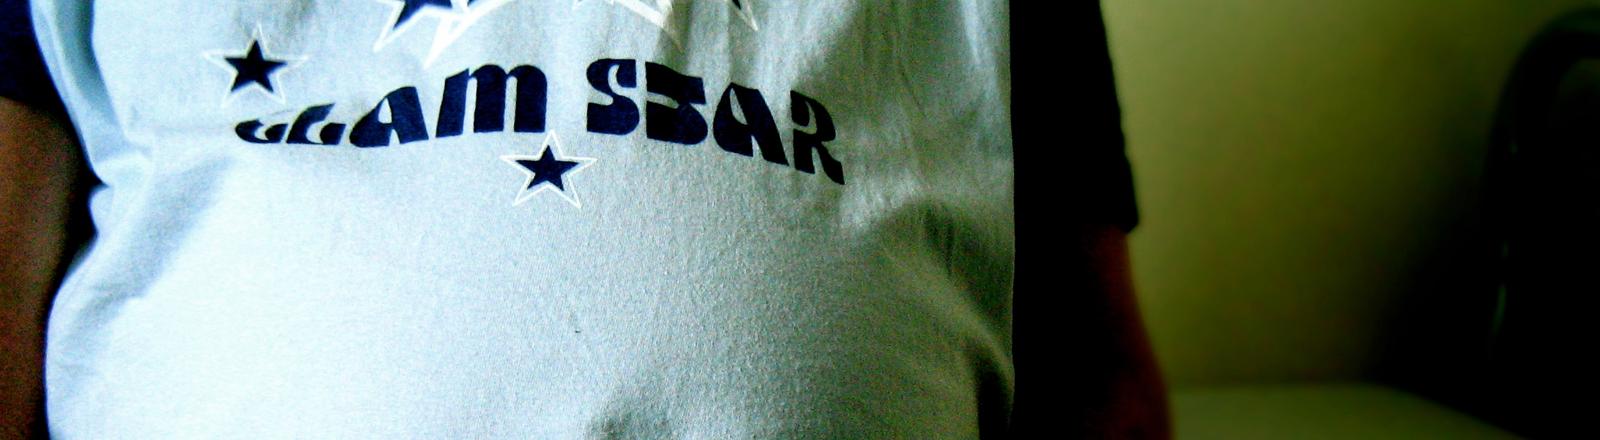 """Eine schwangere Frau trägt ein T-Shirt mit der Aufschrift """"Glam Star"""""""